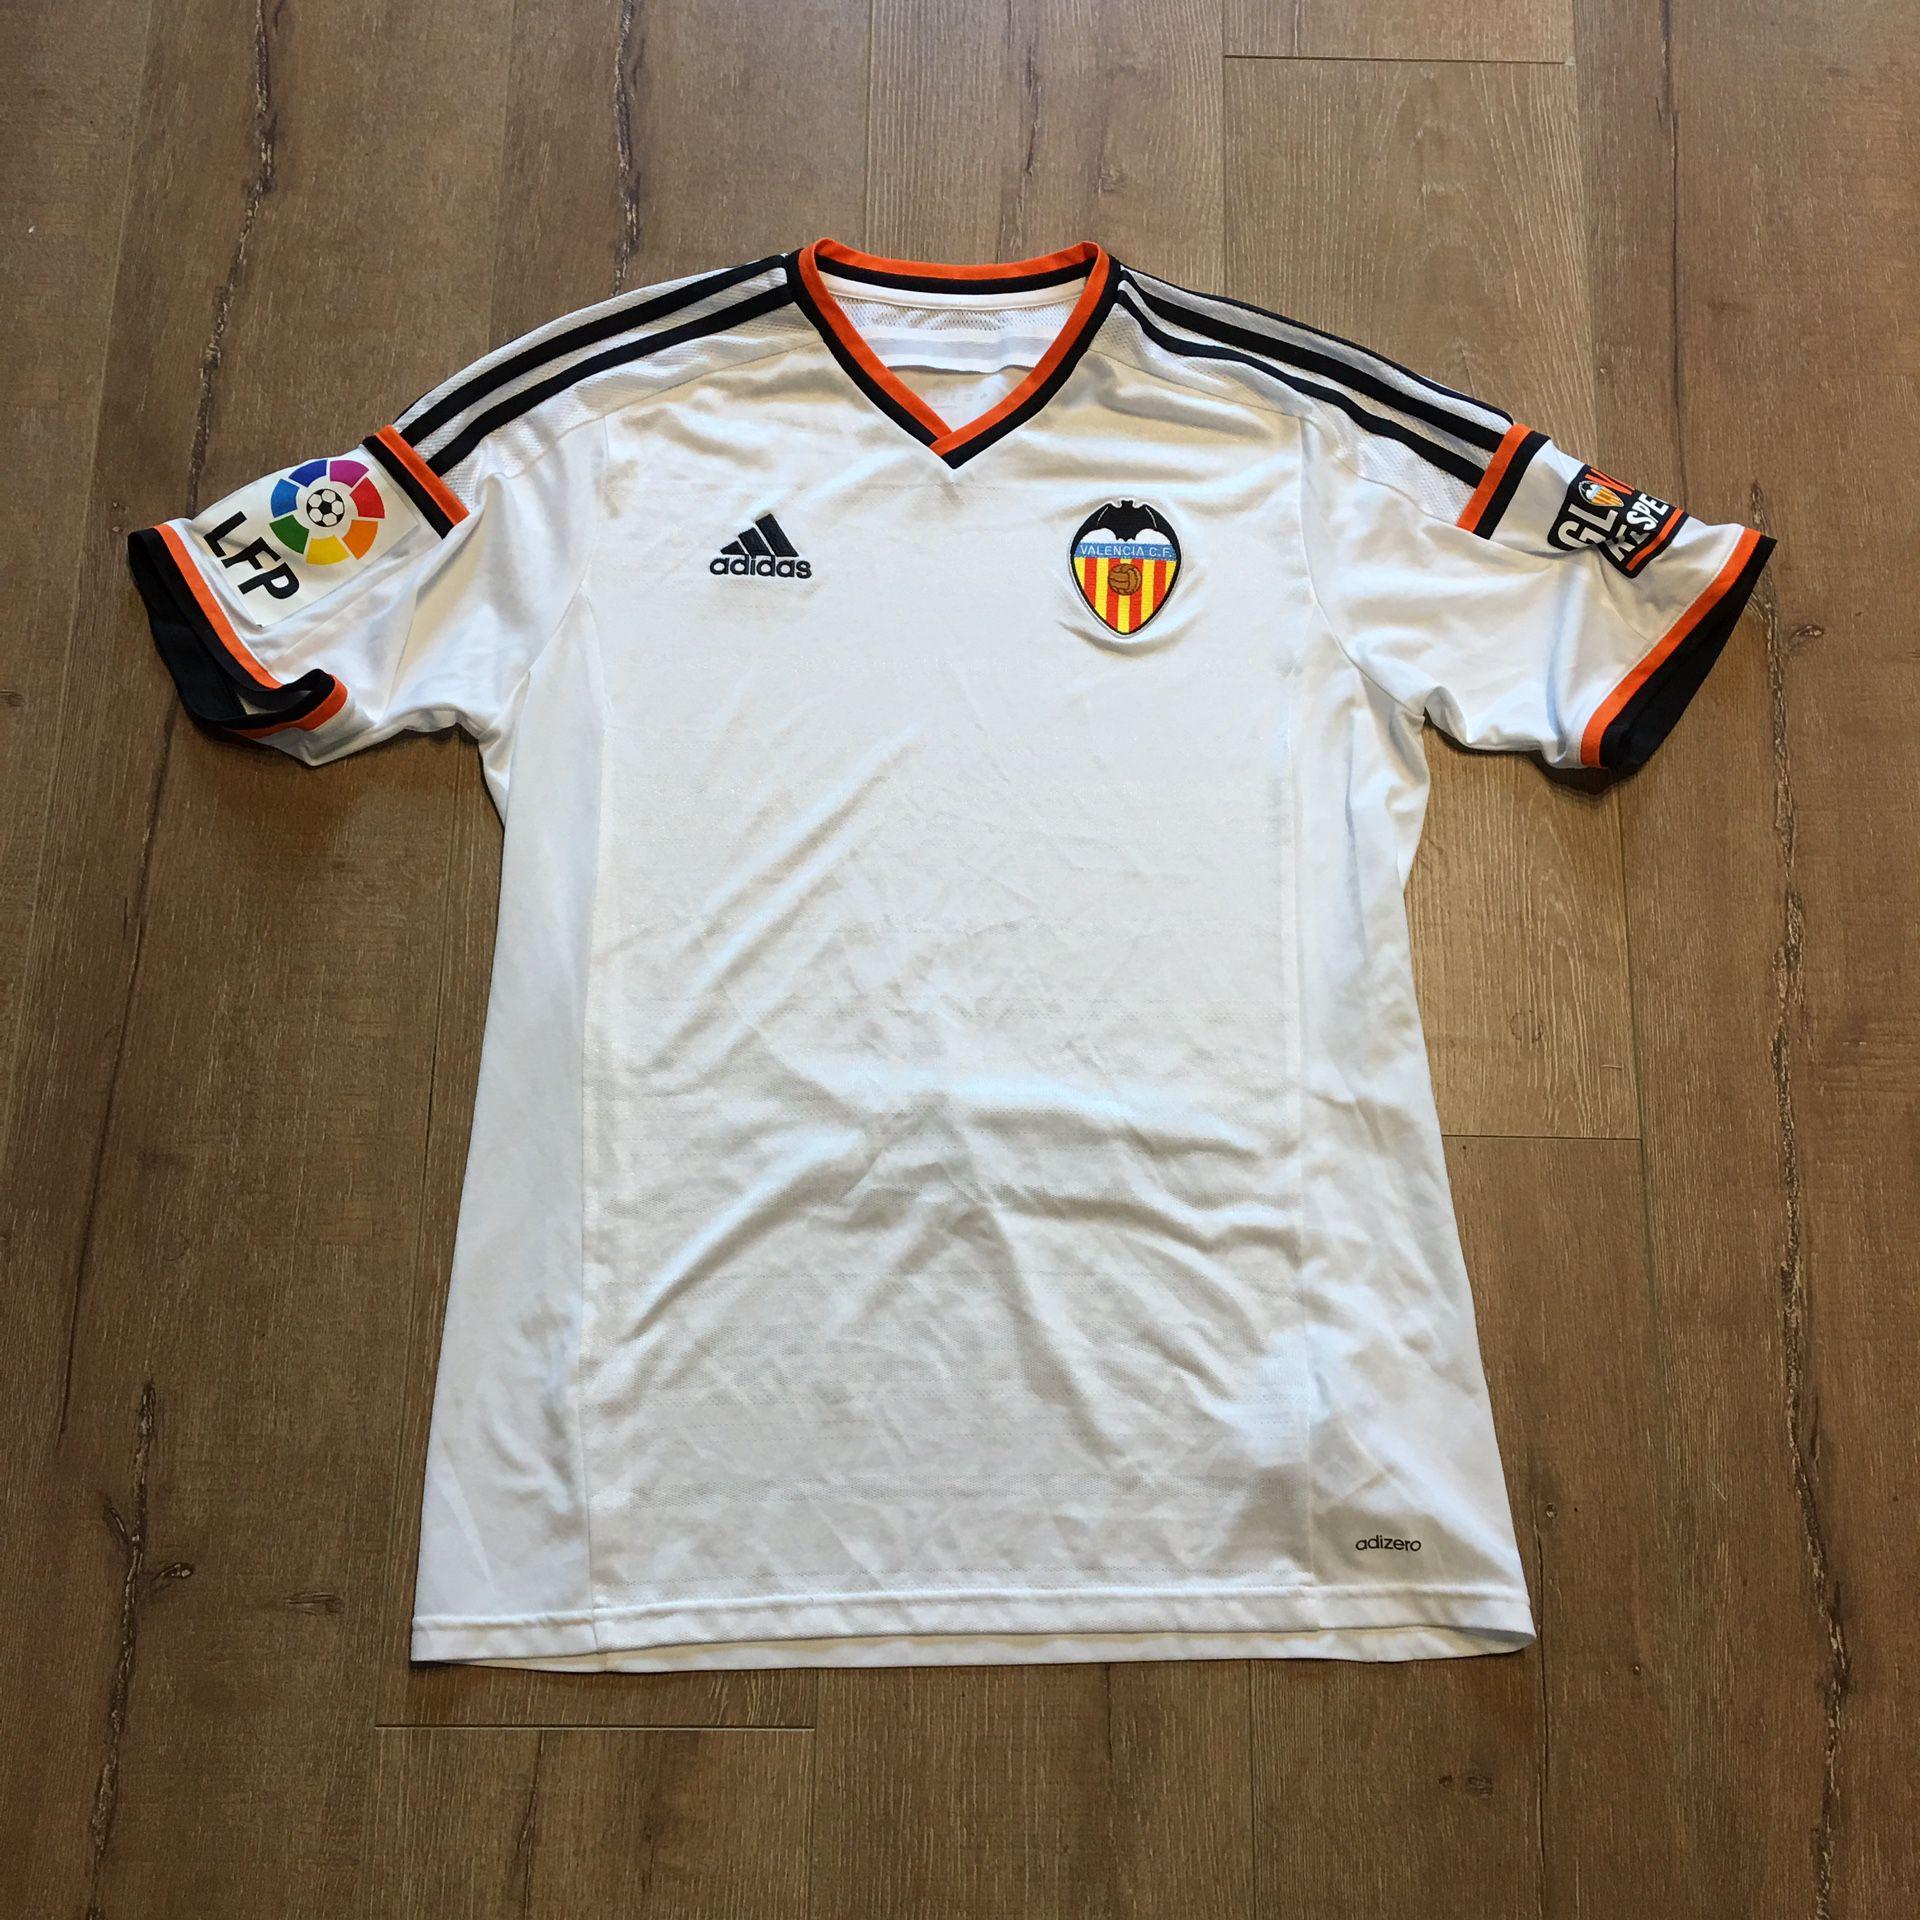 Mens L - Rare Valencia FC Adidas Adizero Soccer Jersey for Sale in ...